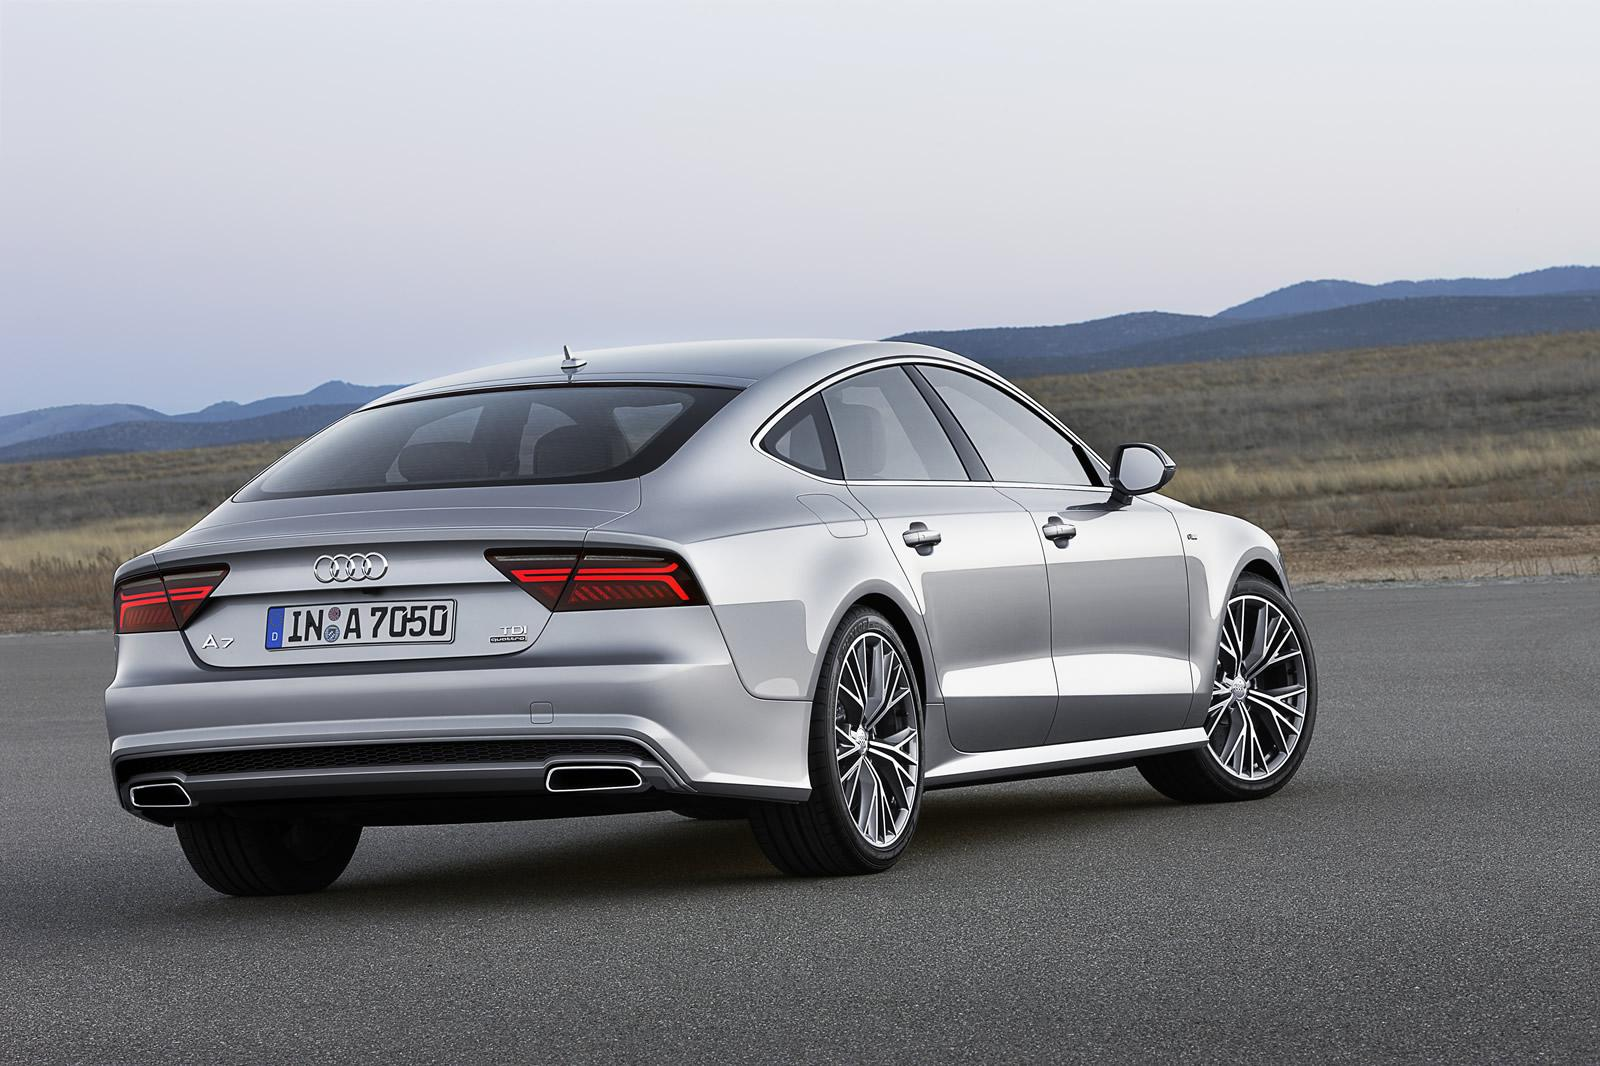 Kelebihan Kekurangan Audi 2015 Review